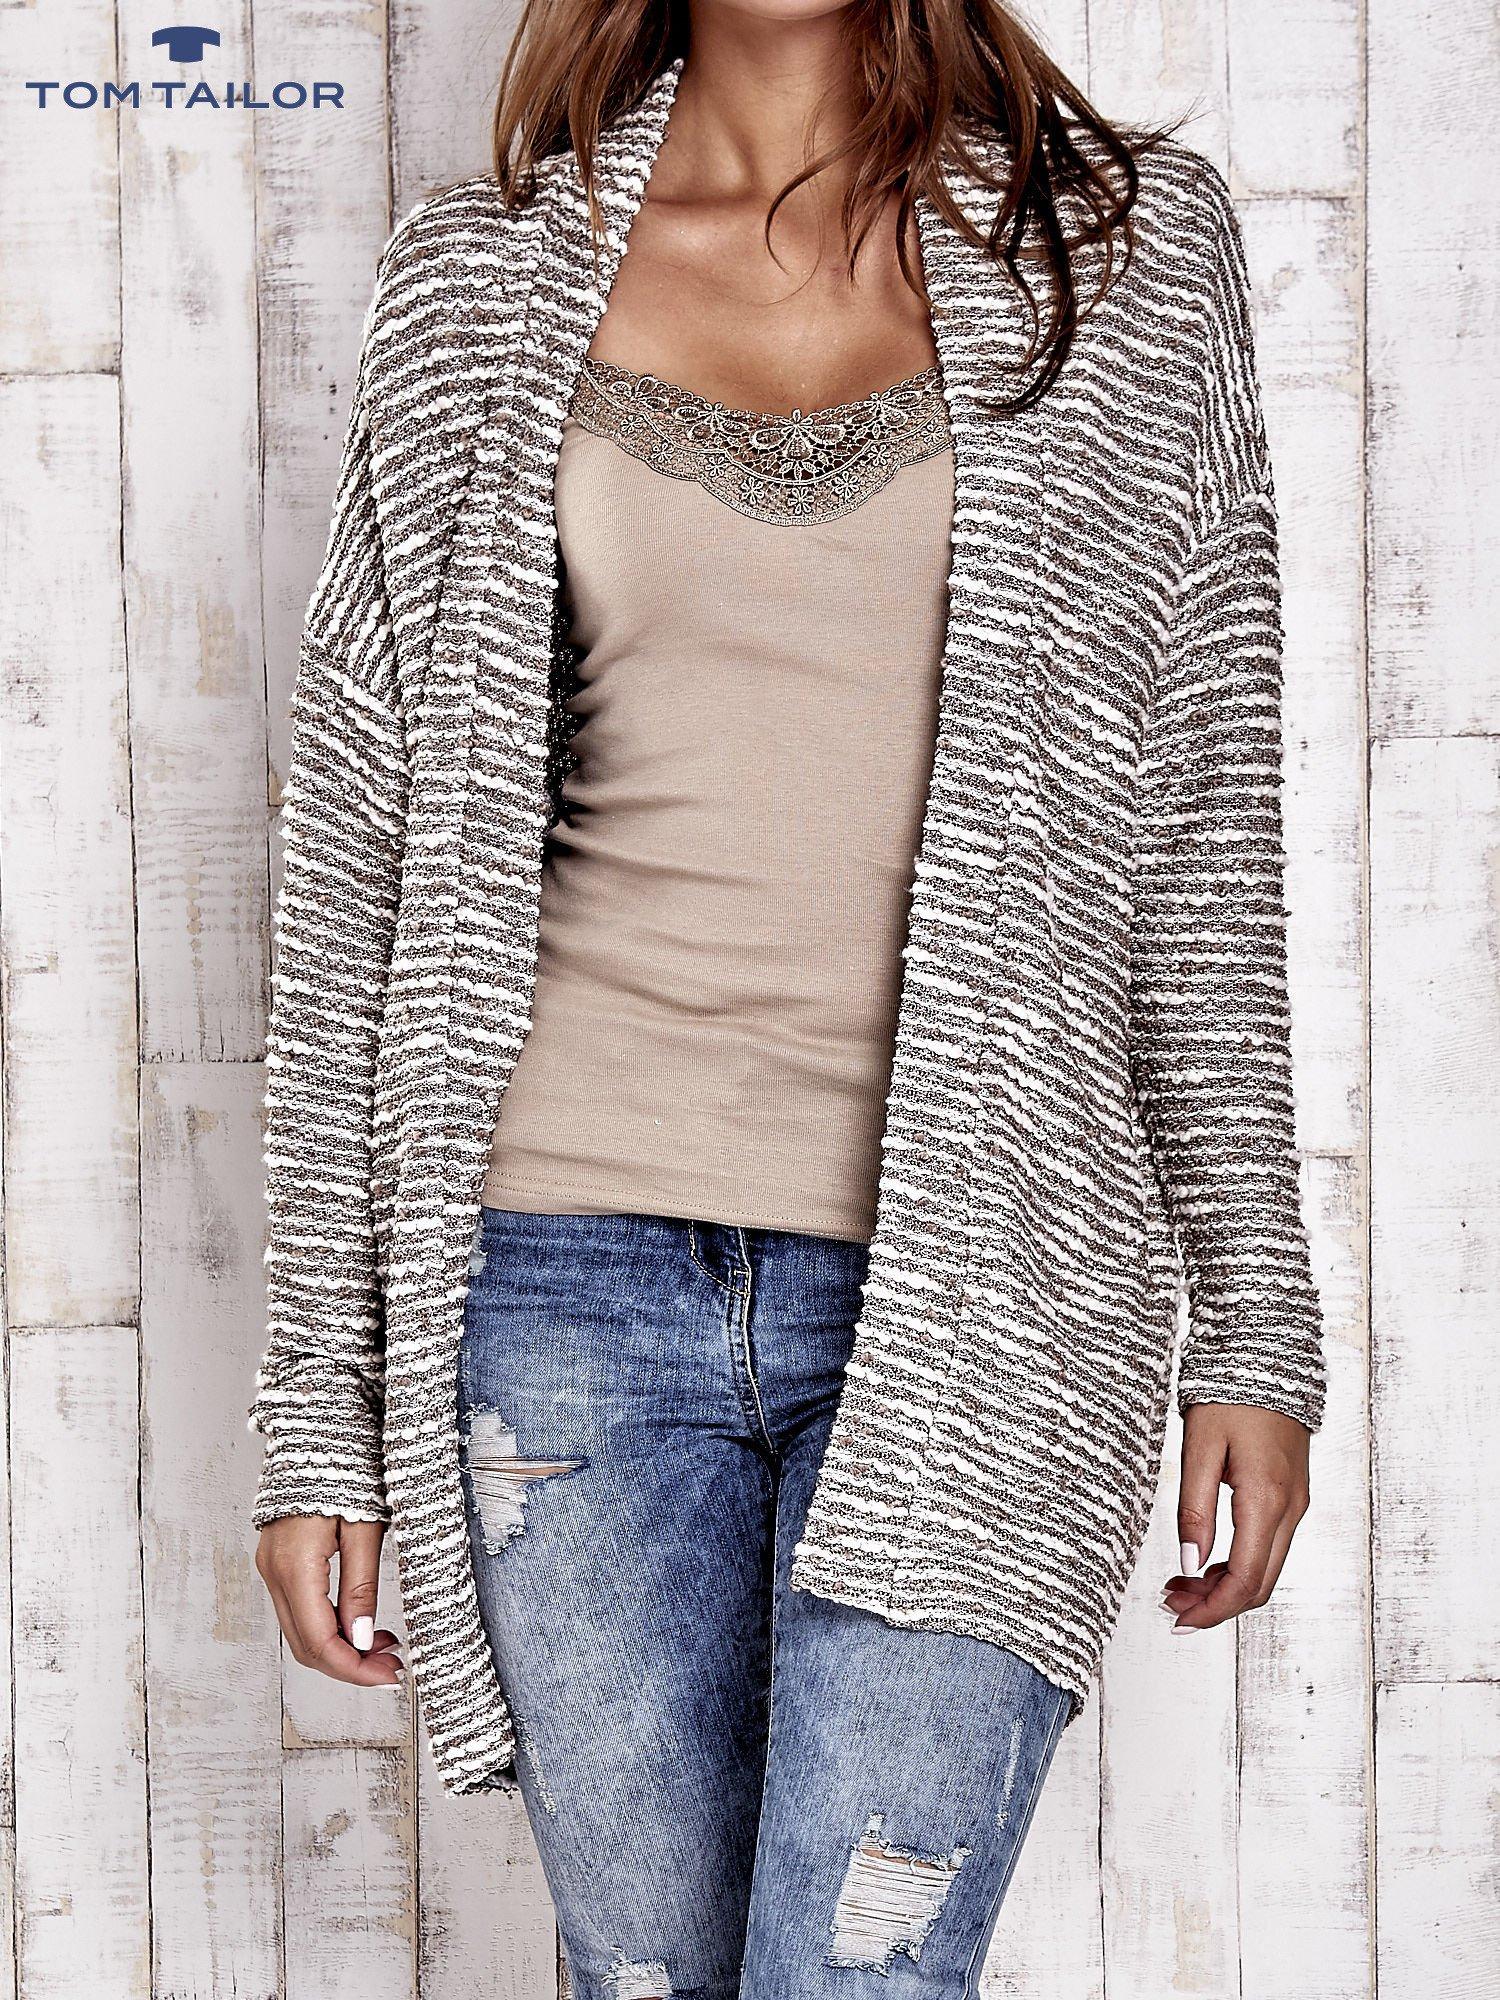 TOM TAILOR Ecru fakturowany sweter kardigan                                   zdj.                                  1